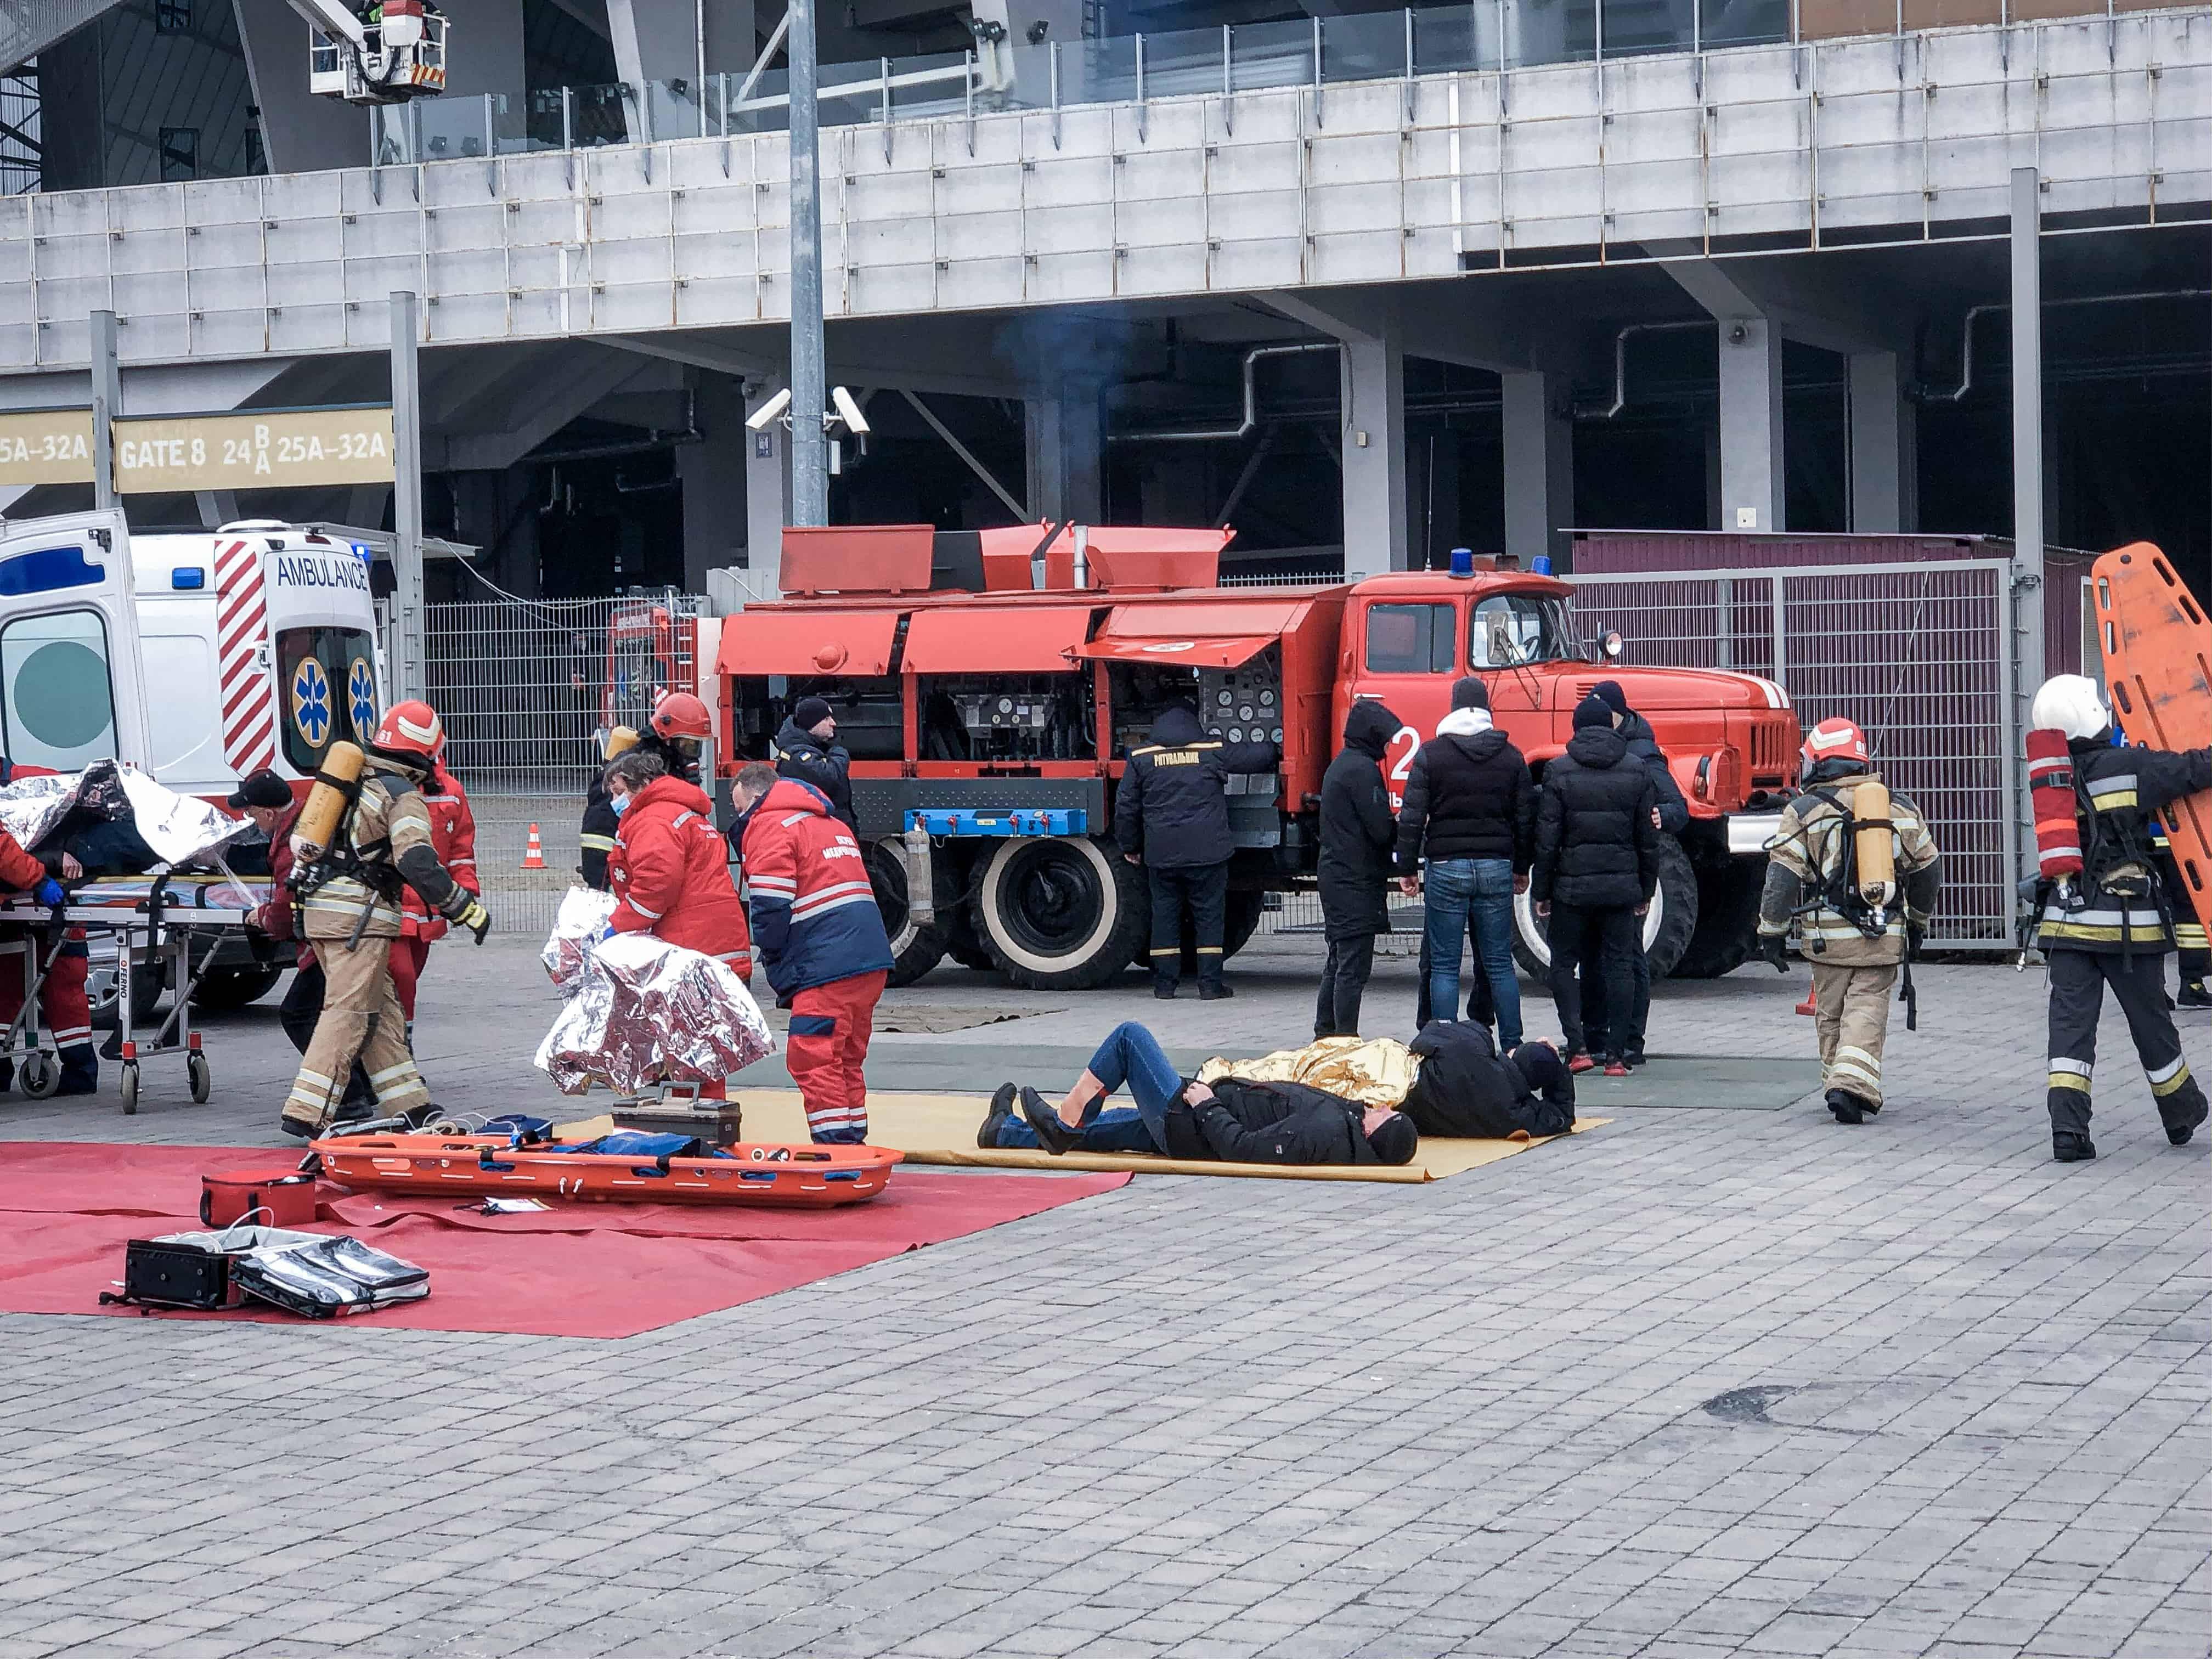 Рятувальники на «Арені Львів» гасили умовну пожежу (Фото)